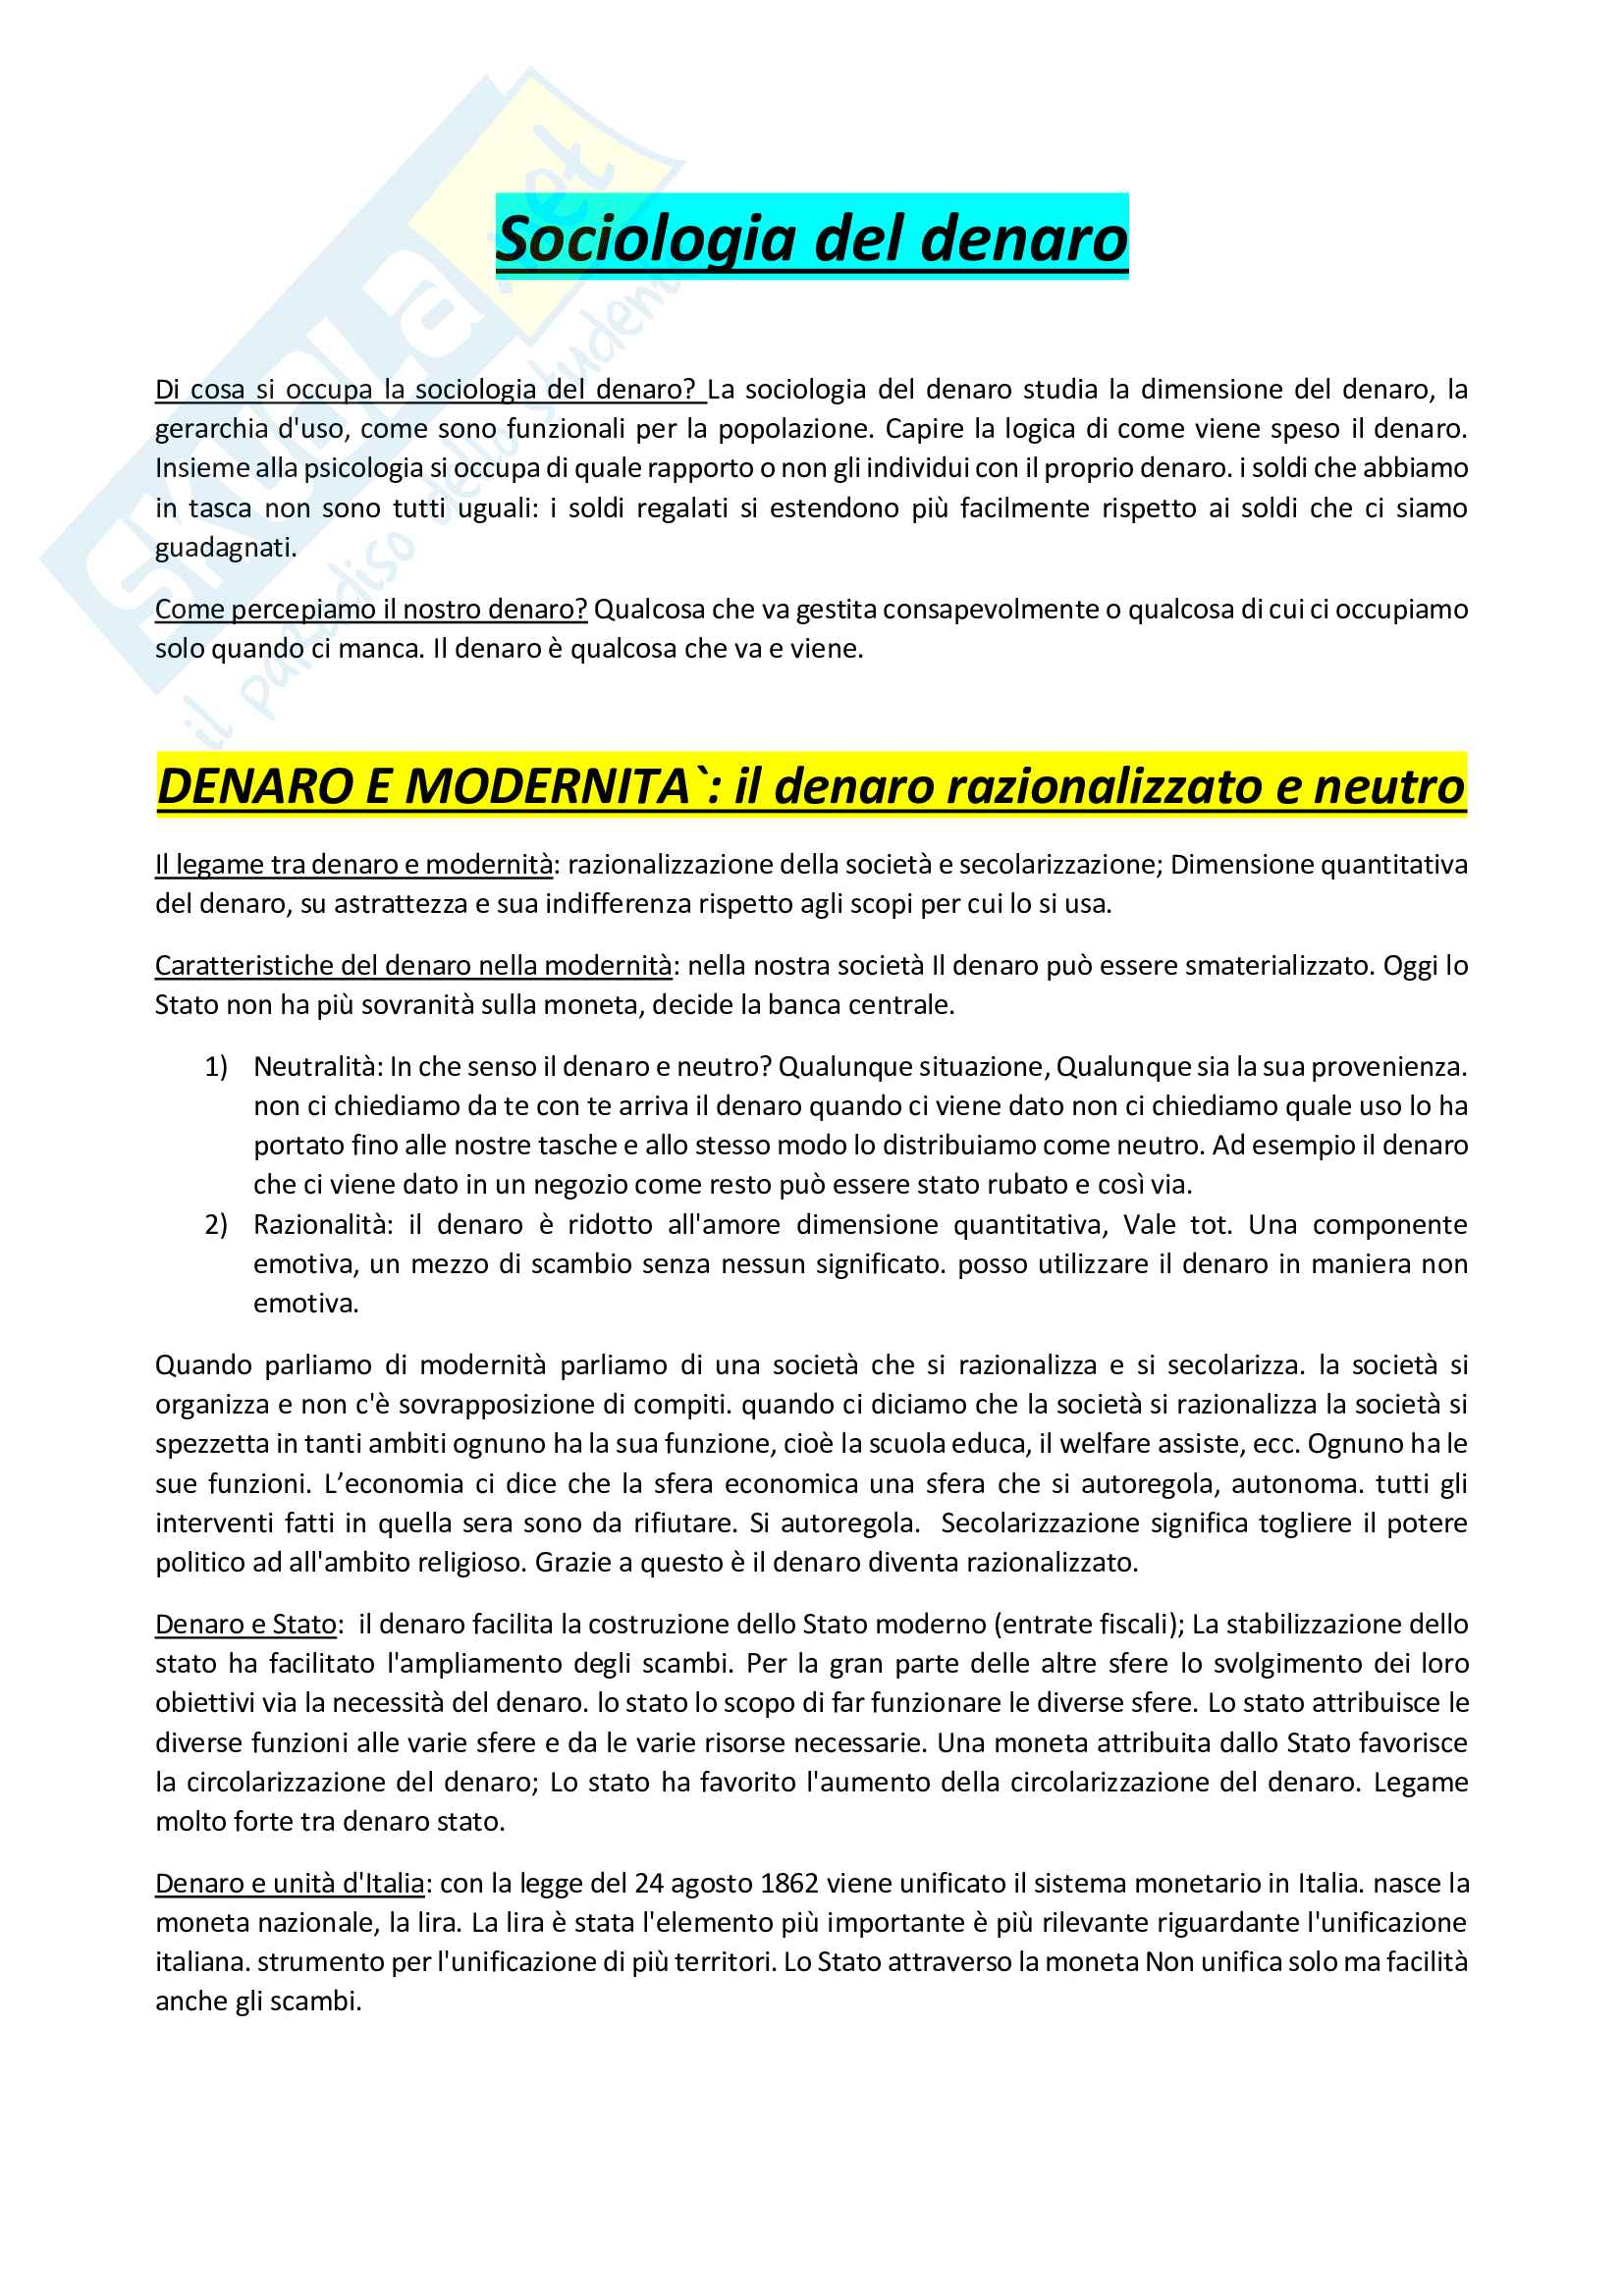 Sociologia del denaro - Appunti riscritti